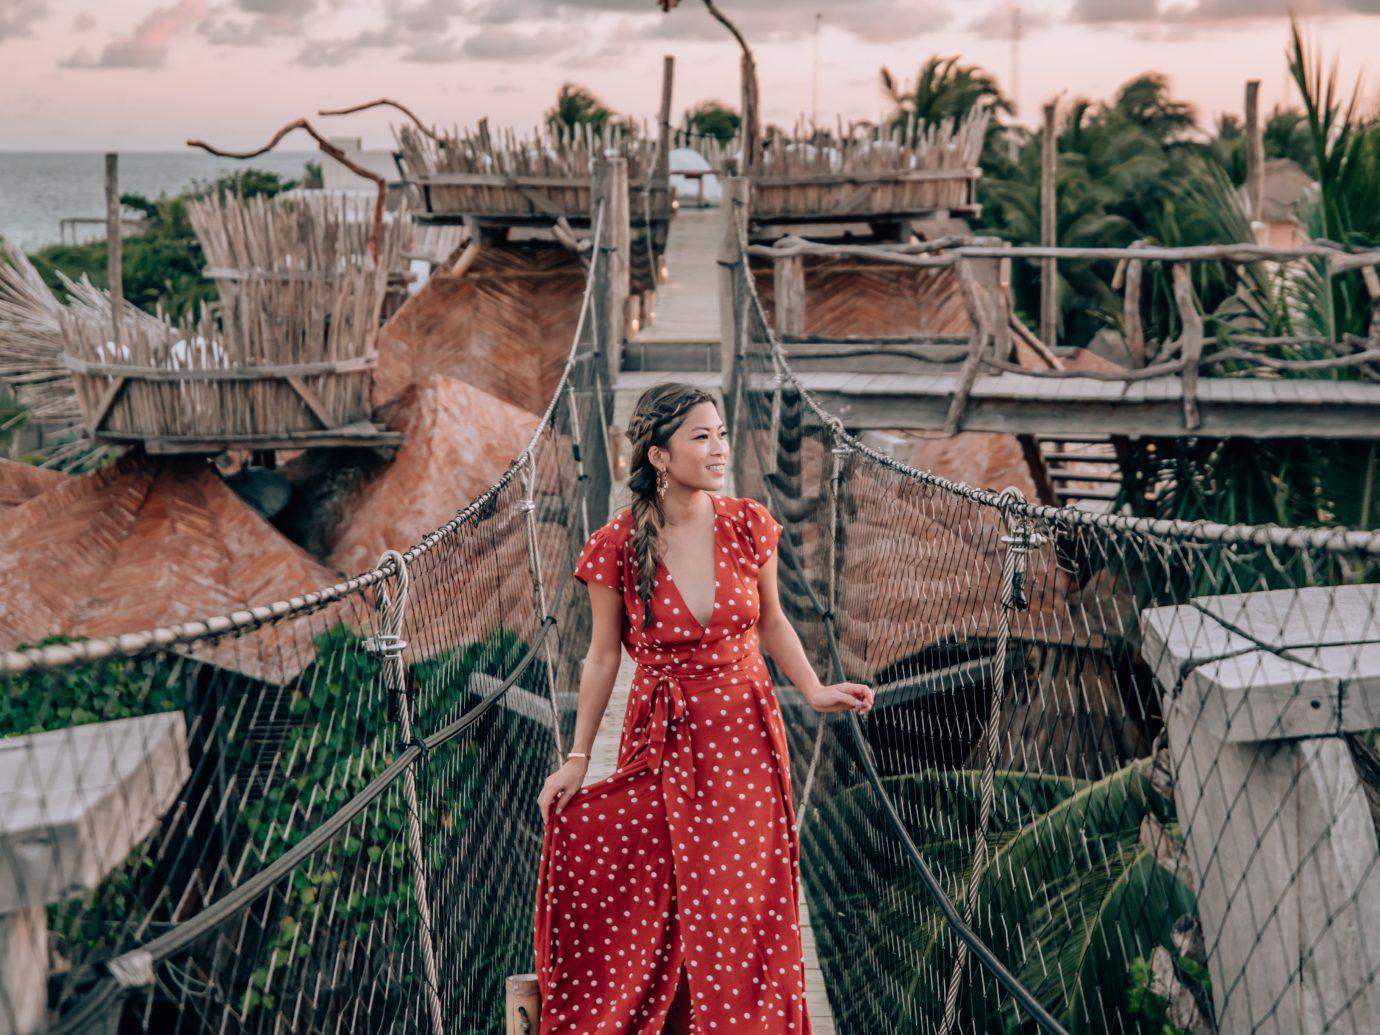 girl in a polka dot dress on a rope bridge